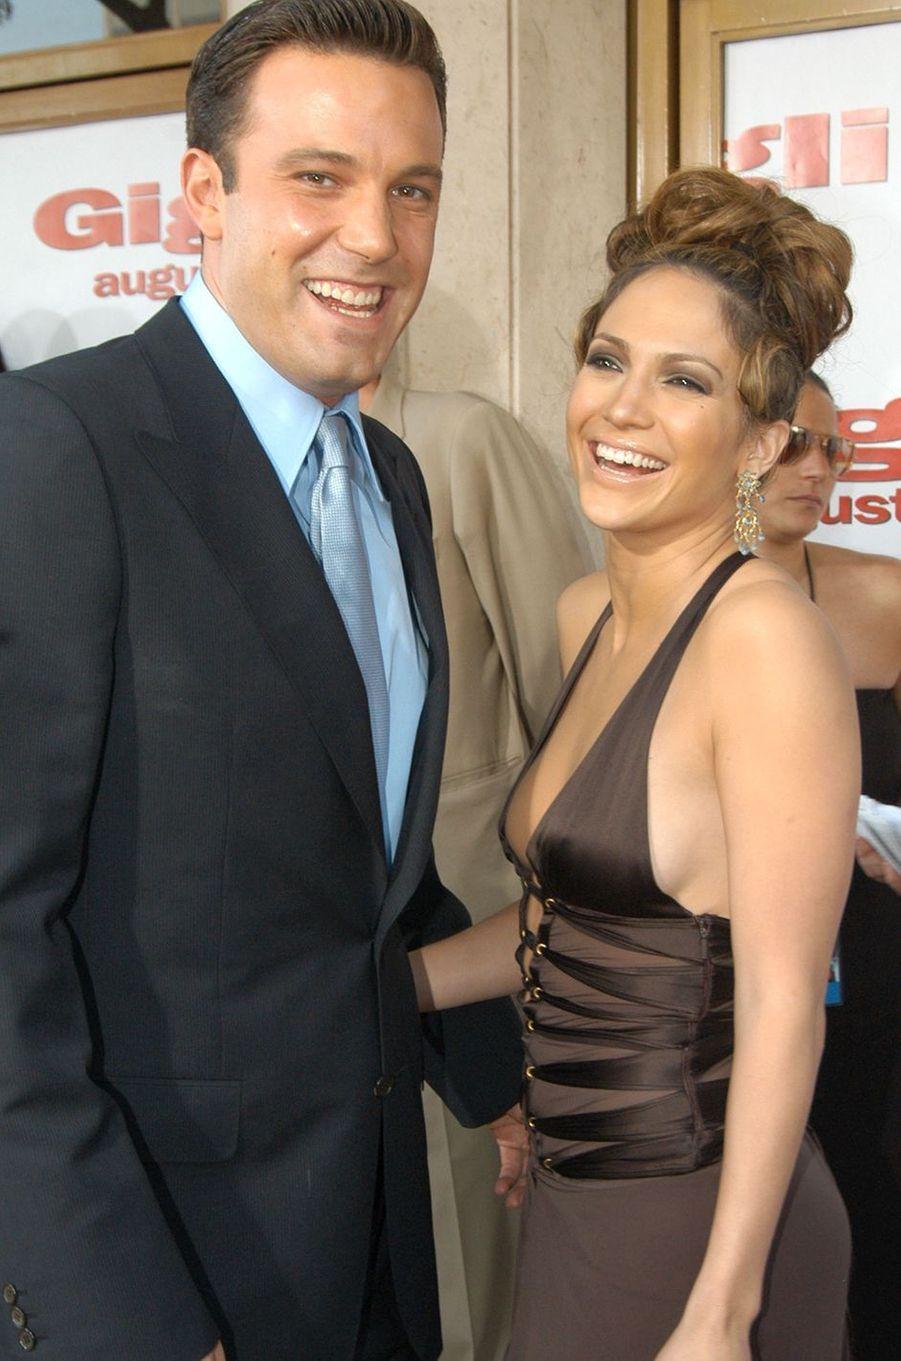 Ben Affleck et Jennifer Lopez à la première du film «Gigli» à Los Angeles en juillet 2003.Les deux acteurs ont vécu une idylle très médiatisée entre 2002 et 2004.